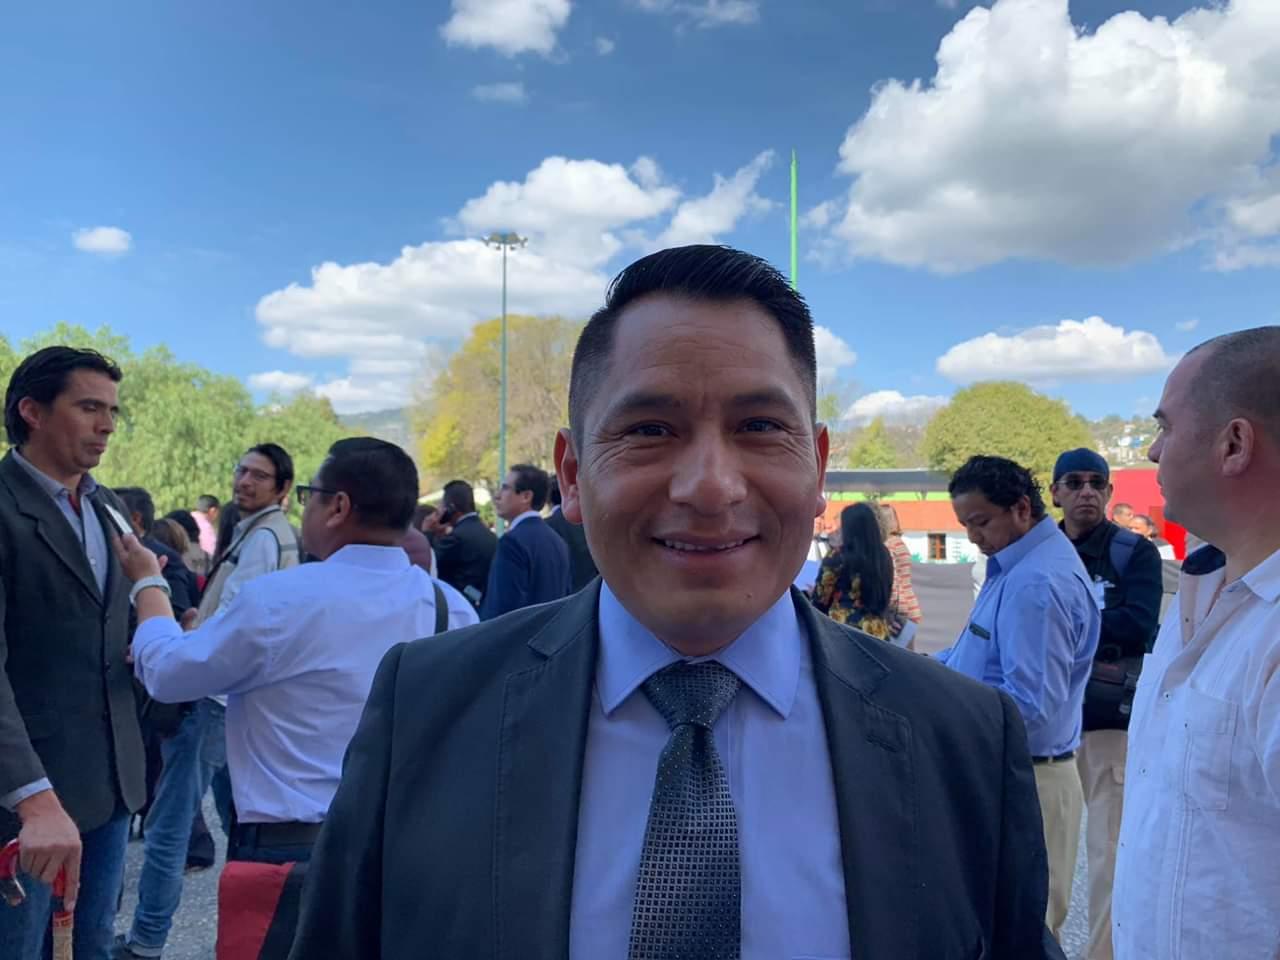 Aplaude Óscar Pérez, alcalde de Quilehtla, que Gobierno Estatal ponga los ojos en la gente vulnerable